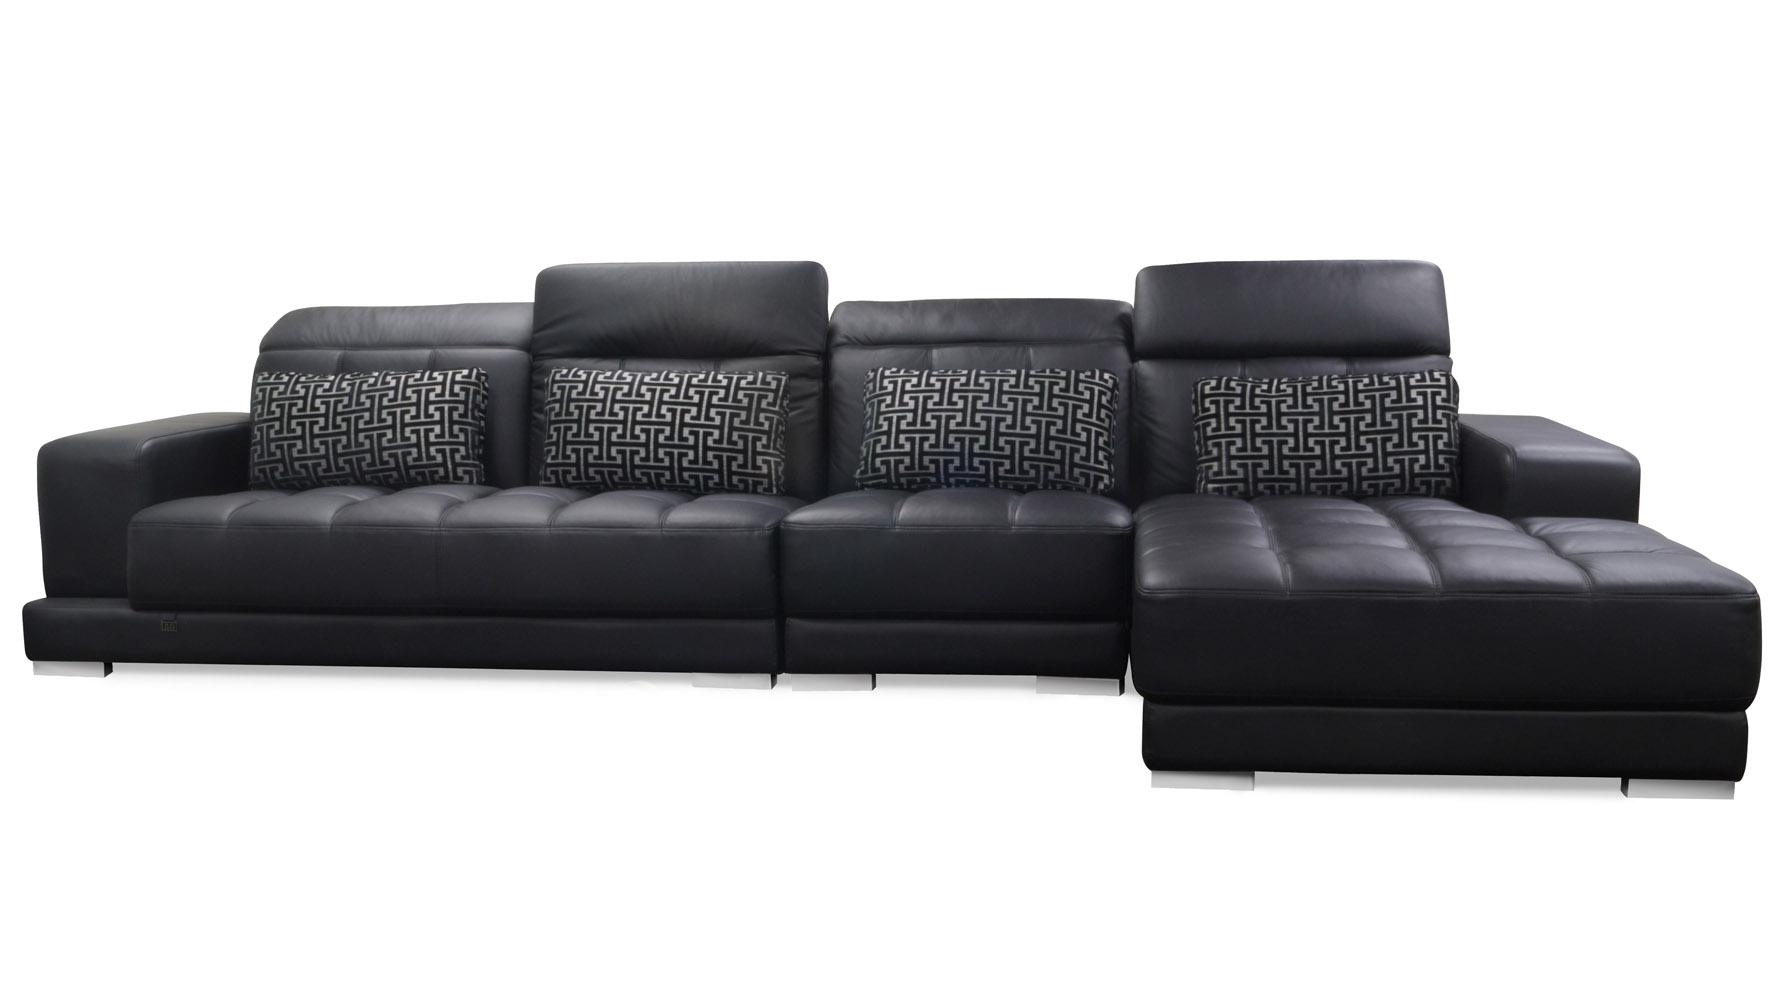 Large black leather sectional oversized plush leather for Large plush sectional sofa